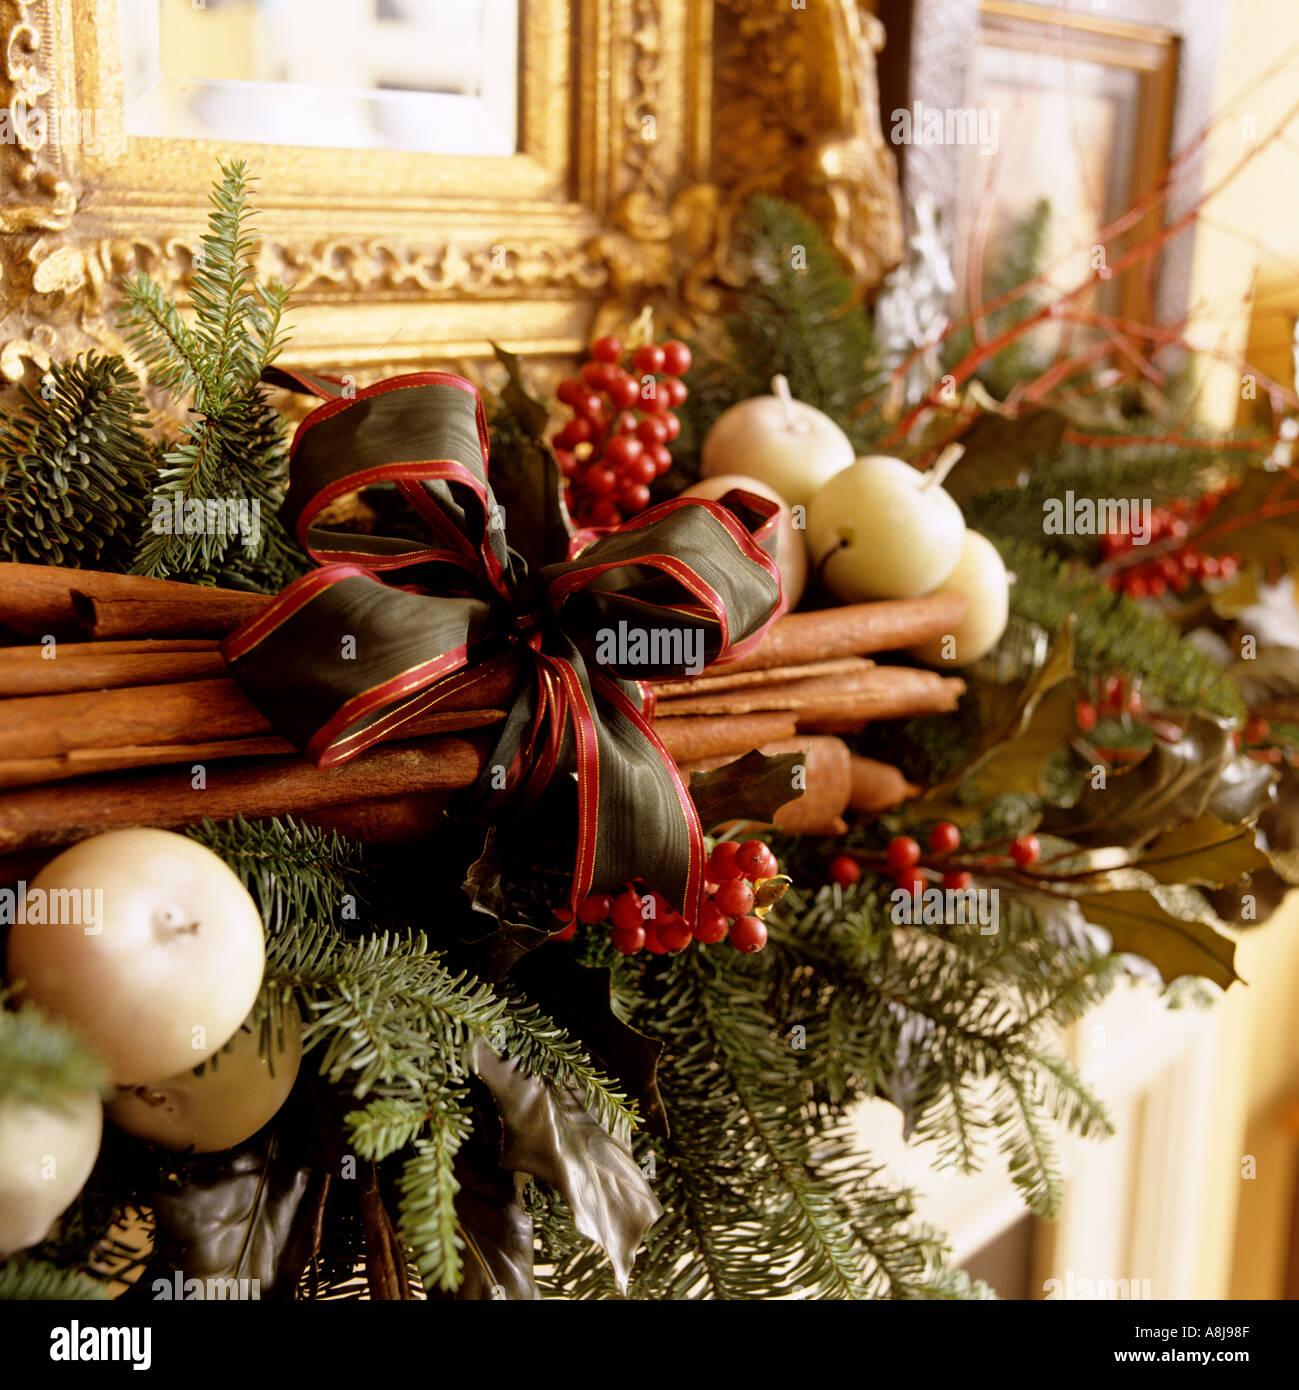 Decorazioni Natalizie Con La Cannella.Camino Di Natale Decorazione Con Cannella Pino E Candele